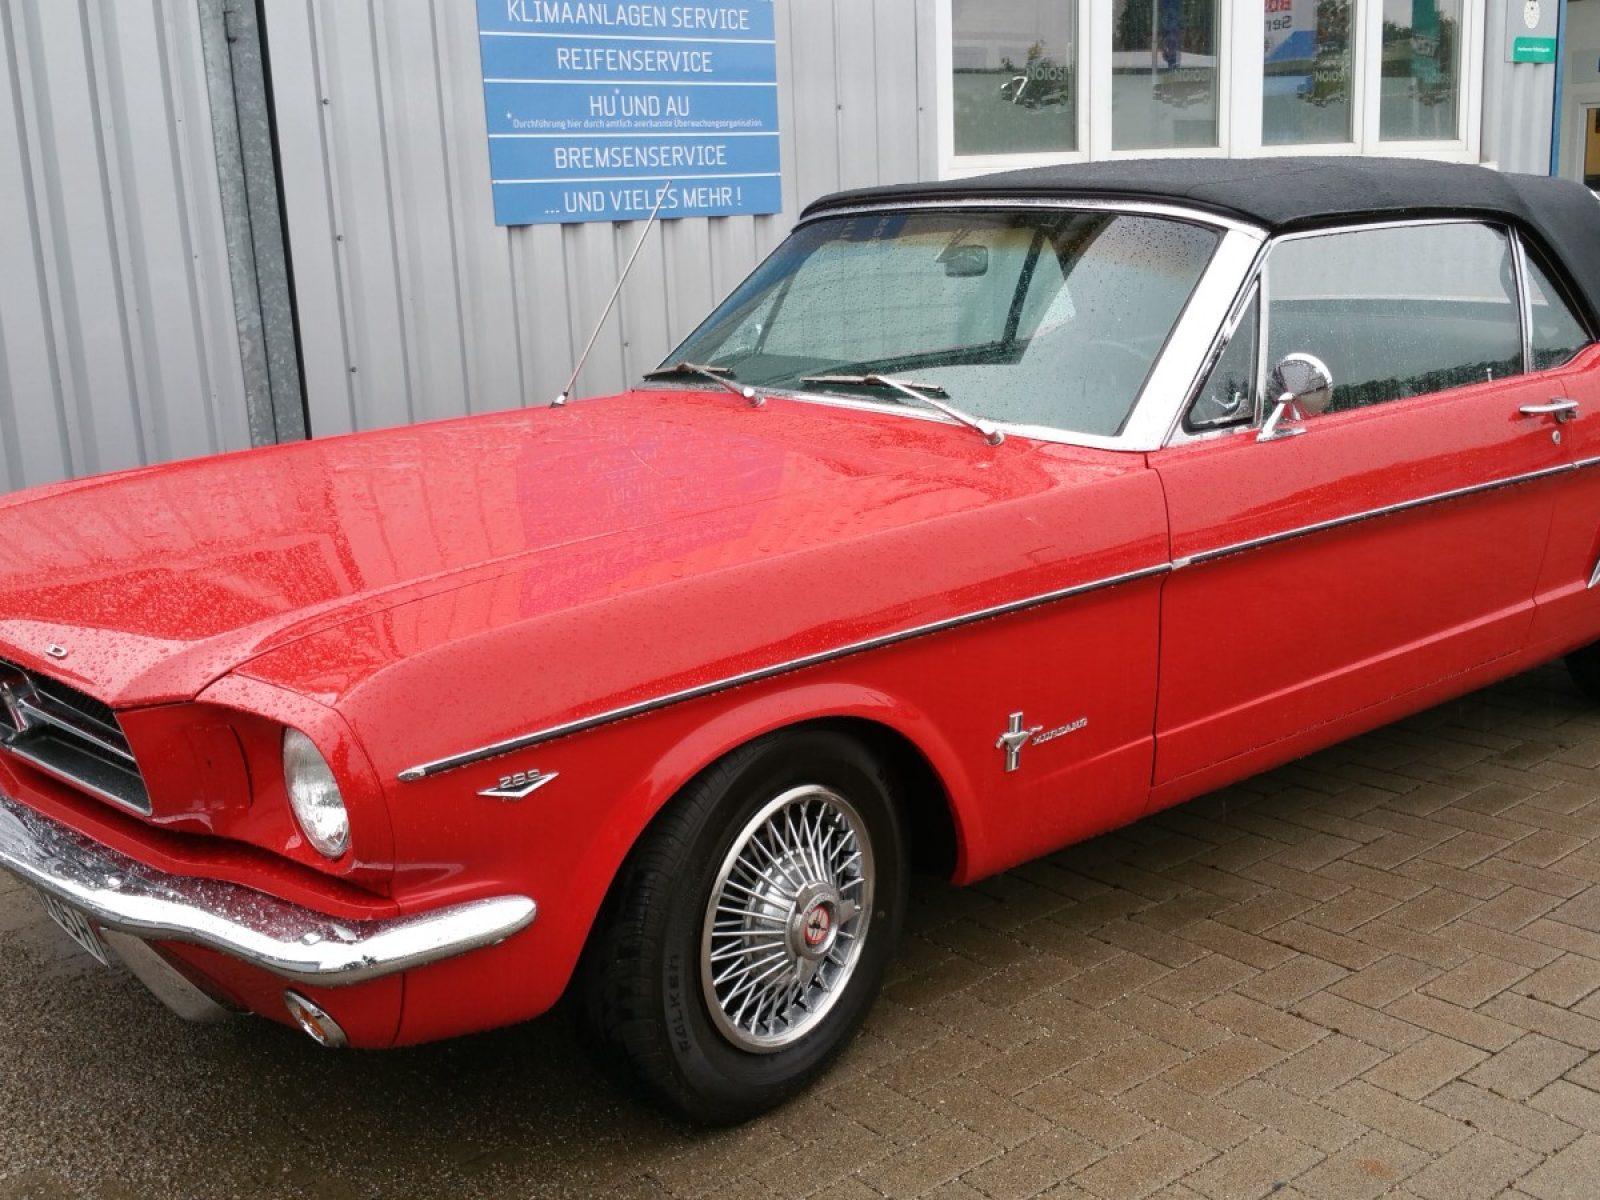 Ford-Mustang-Cabrio-lackiererei-noiosi-freiburg-24